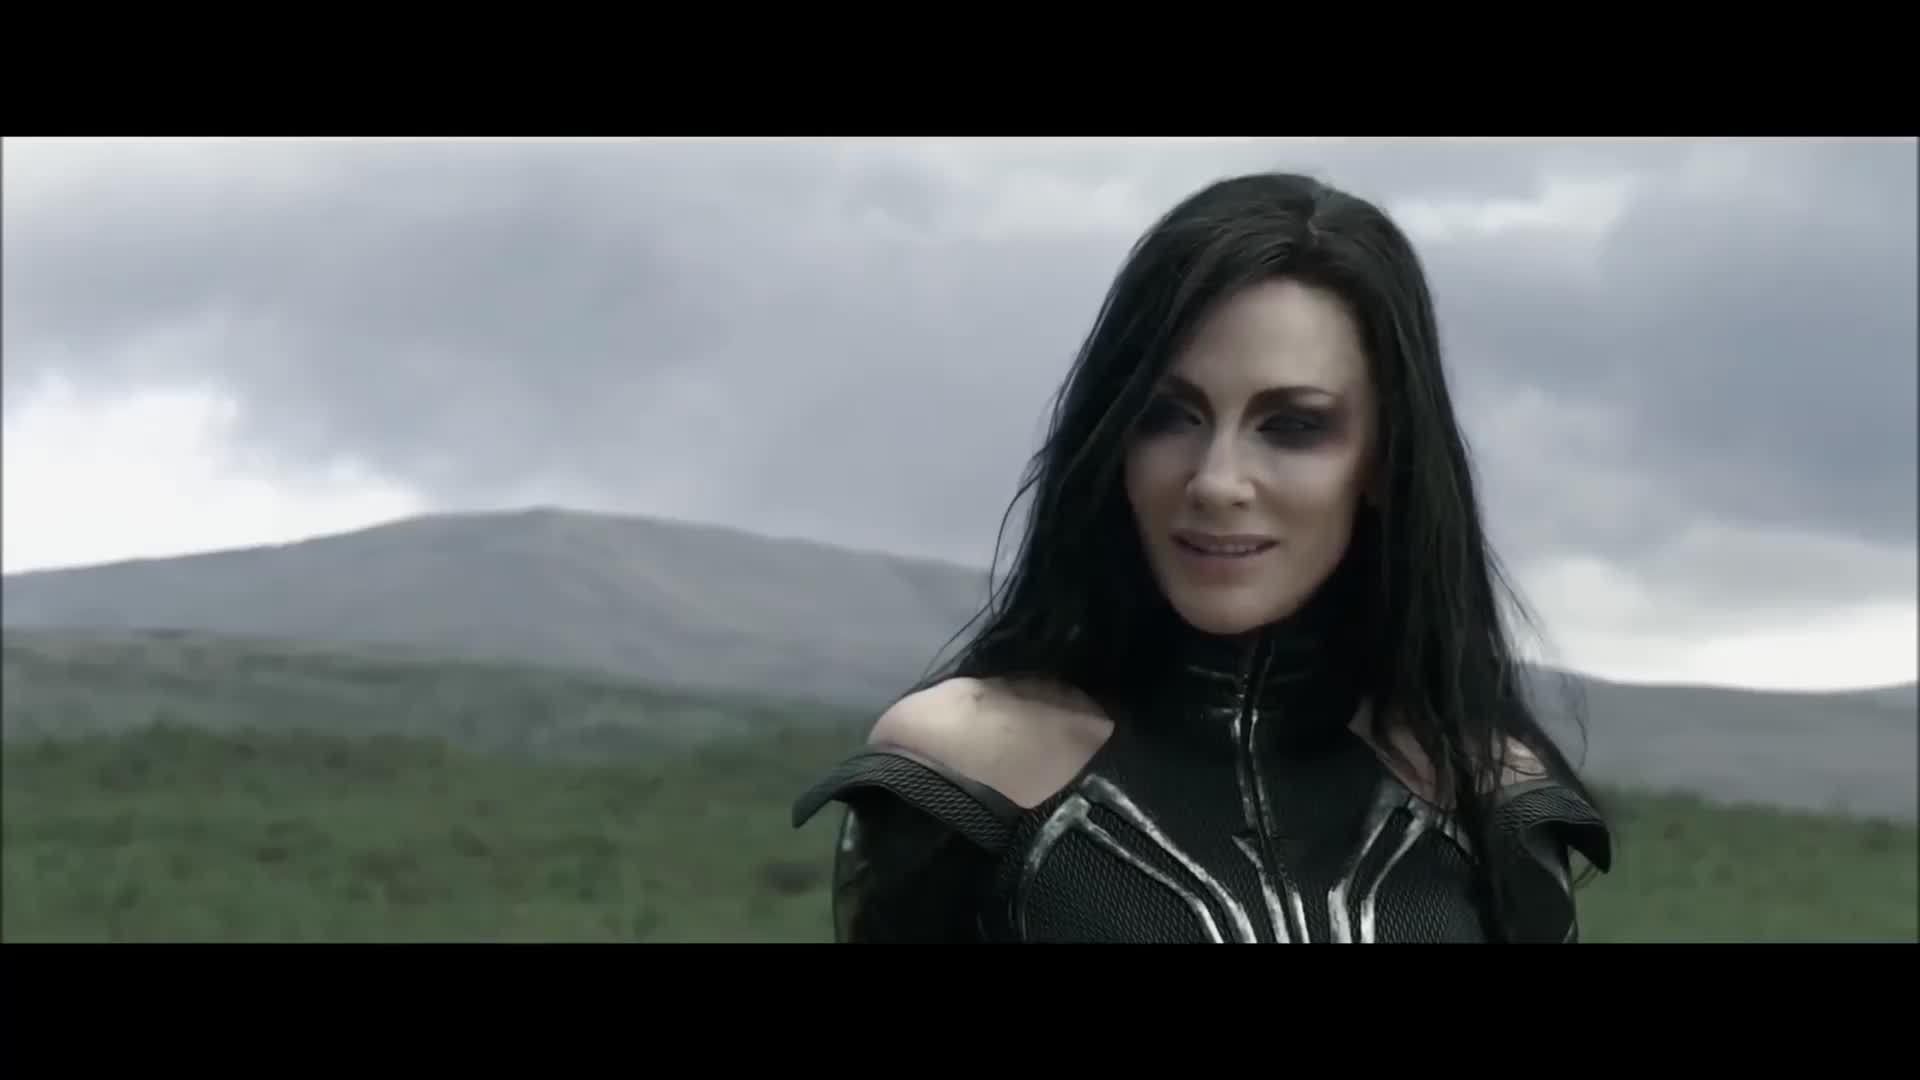 Hela phá búa thần của Thor